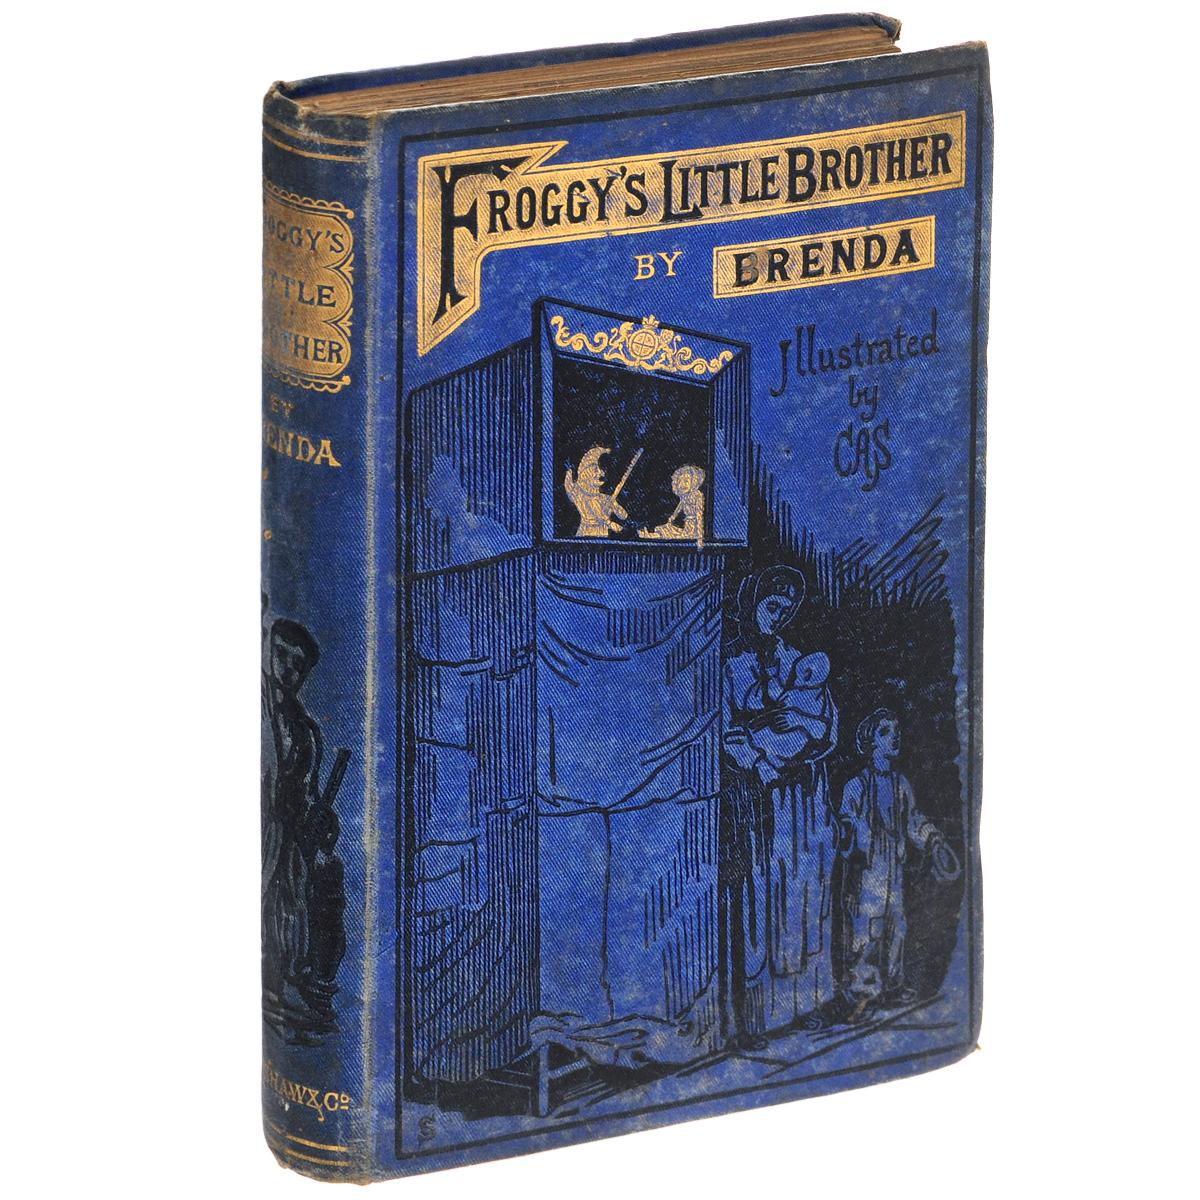 Froggys Little Brother500042Лондон, 1910 год. Издательство John F. Shaw and CO. Издательский переплет, хорошее состояние. Переплет: твердый, формат: уменьшенный.Вниманию читателей предлагается издание FROGGYS LITTLE BROTHER.